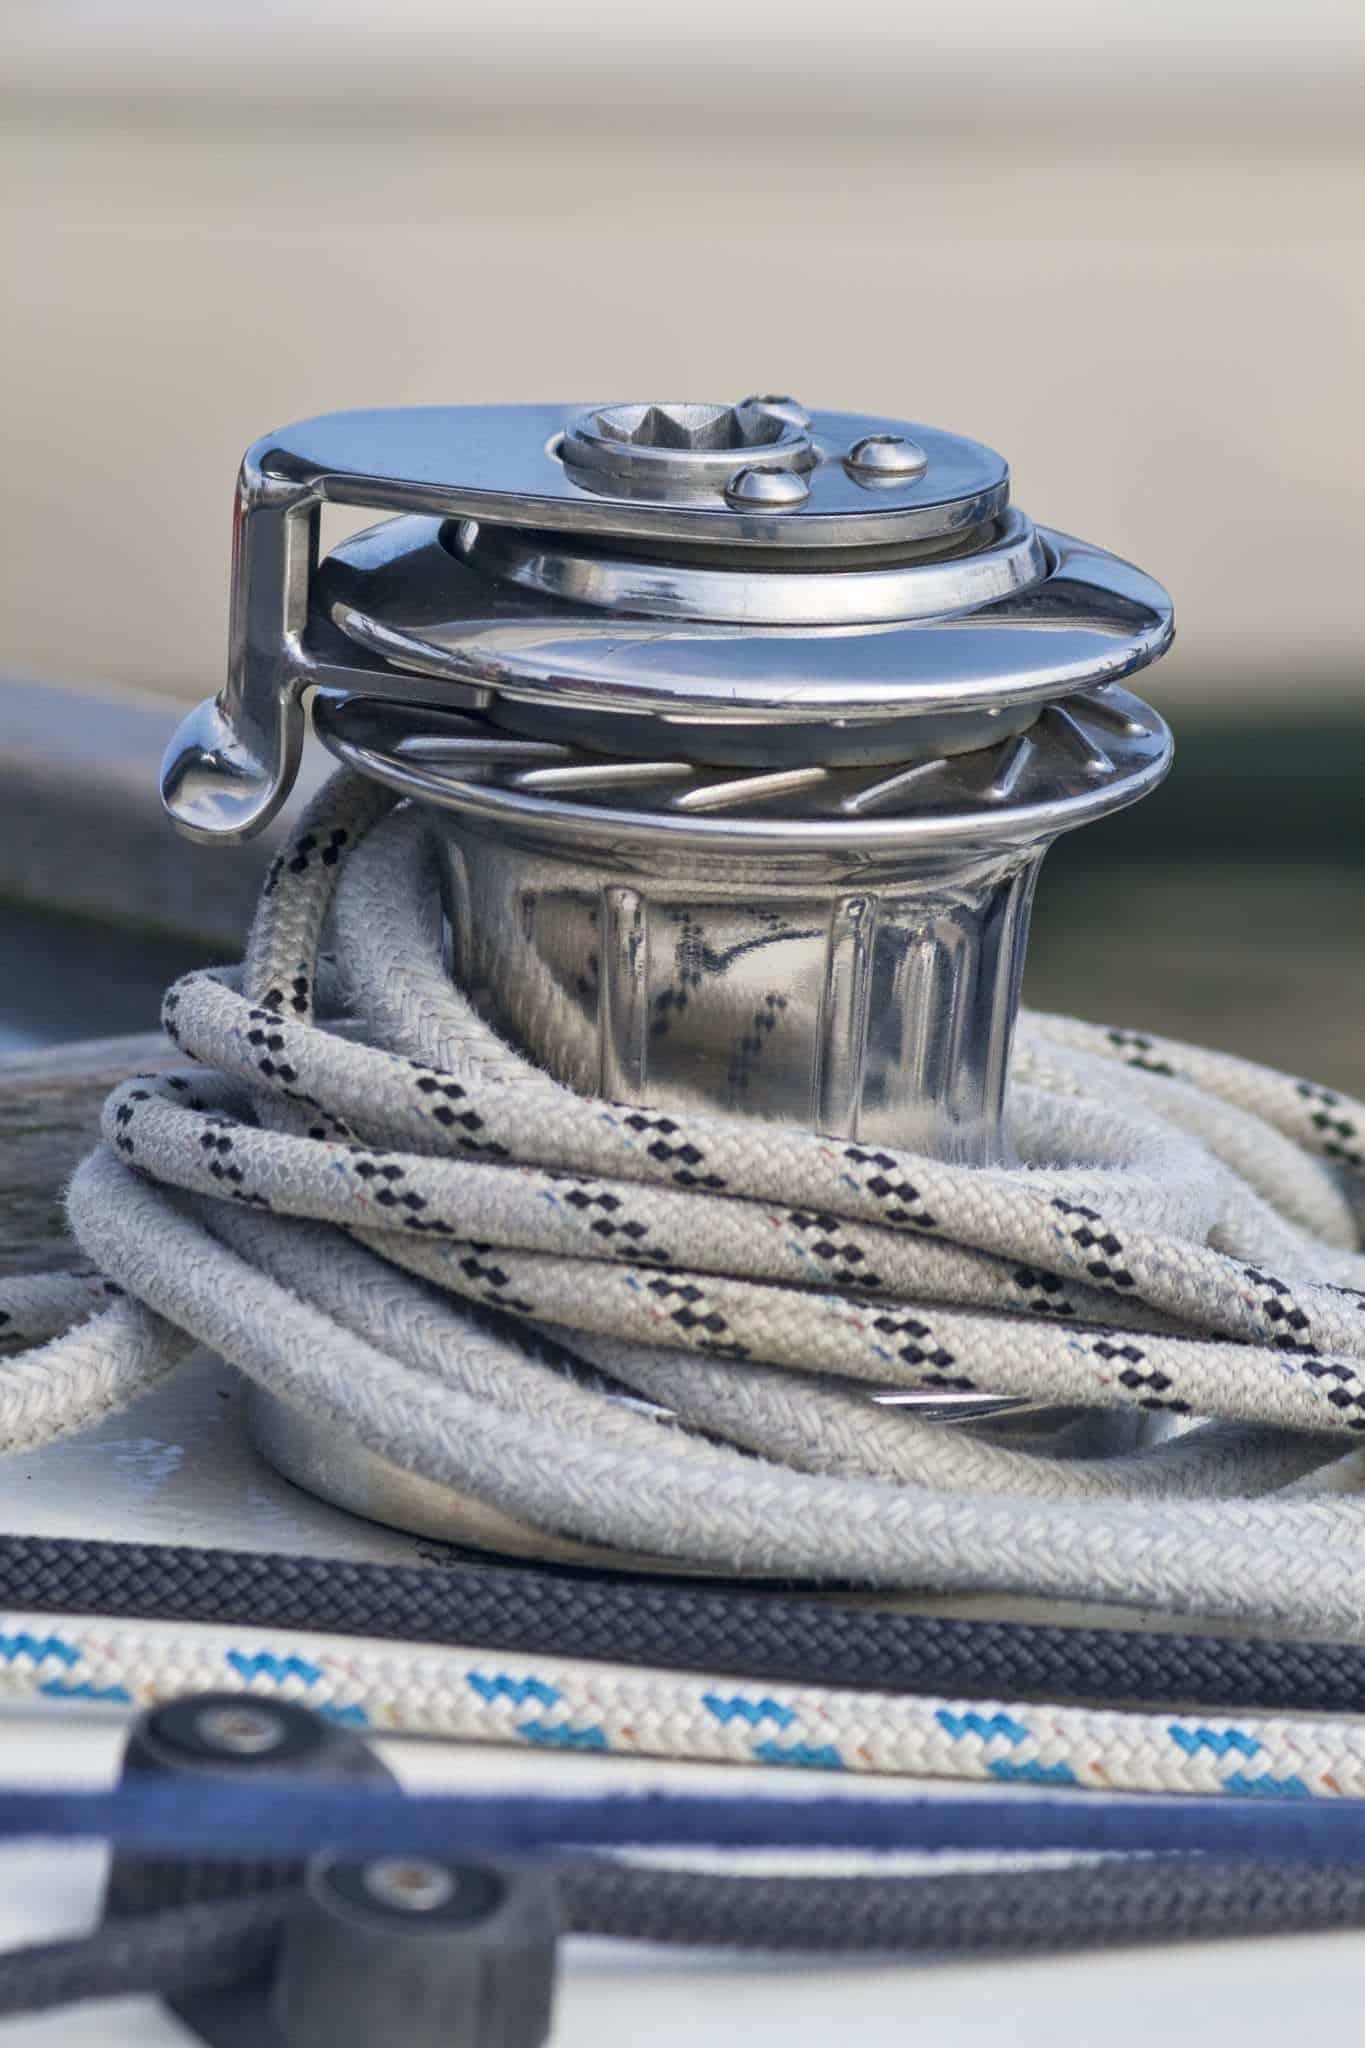 Comment bien hiverner son voilier sans le sortir de l'eau en 7 étapes?